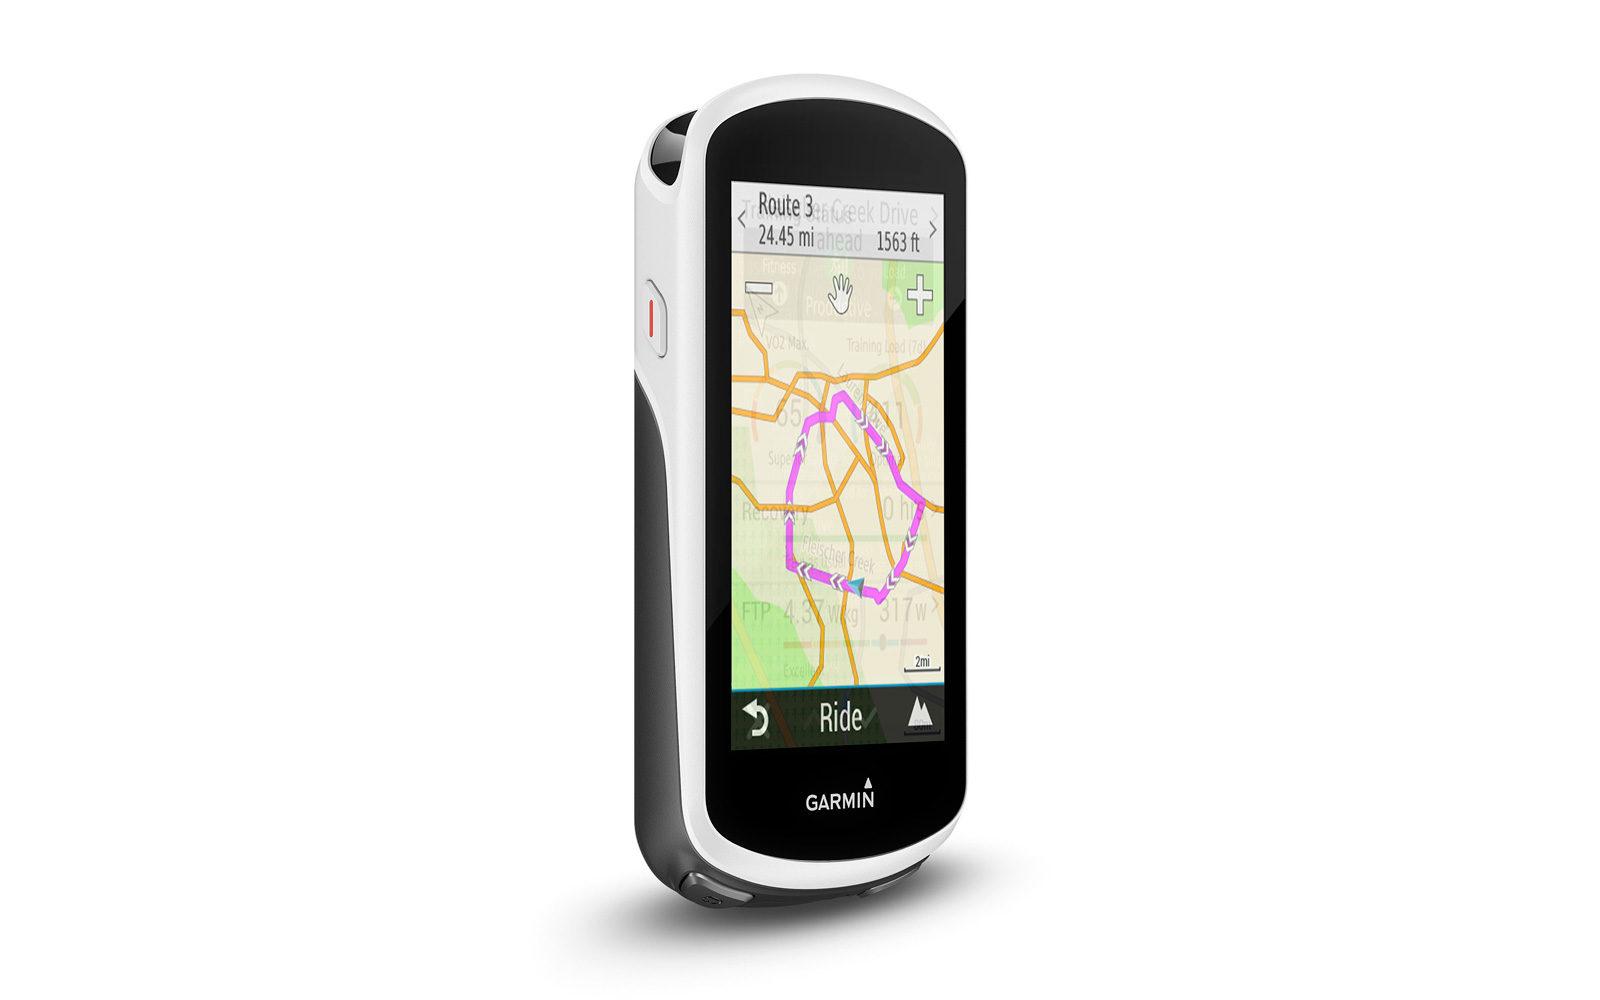 Garmin Edge 1030, un gps bike-computer multifunzione, offre indicazioni sugli itinerari, messaggistica con altri rider, rilevazione incidenti o problemi, tracciabilità del ciclista, monitoraggio distanze percorse dislivelli e velocità, da euro 599,99